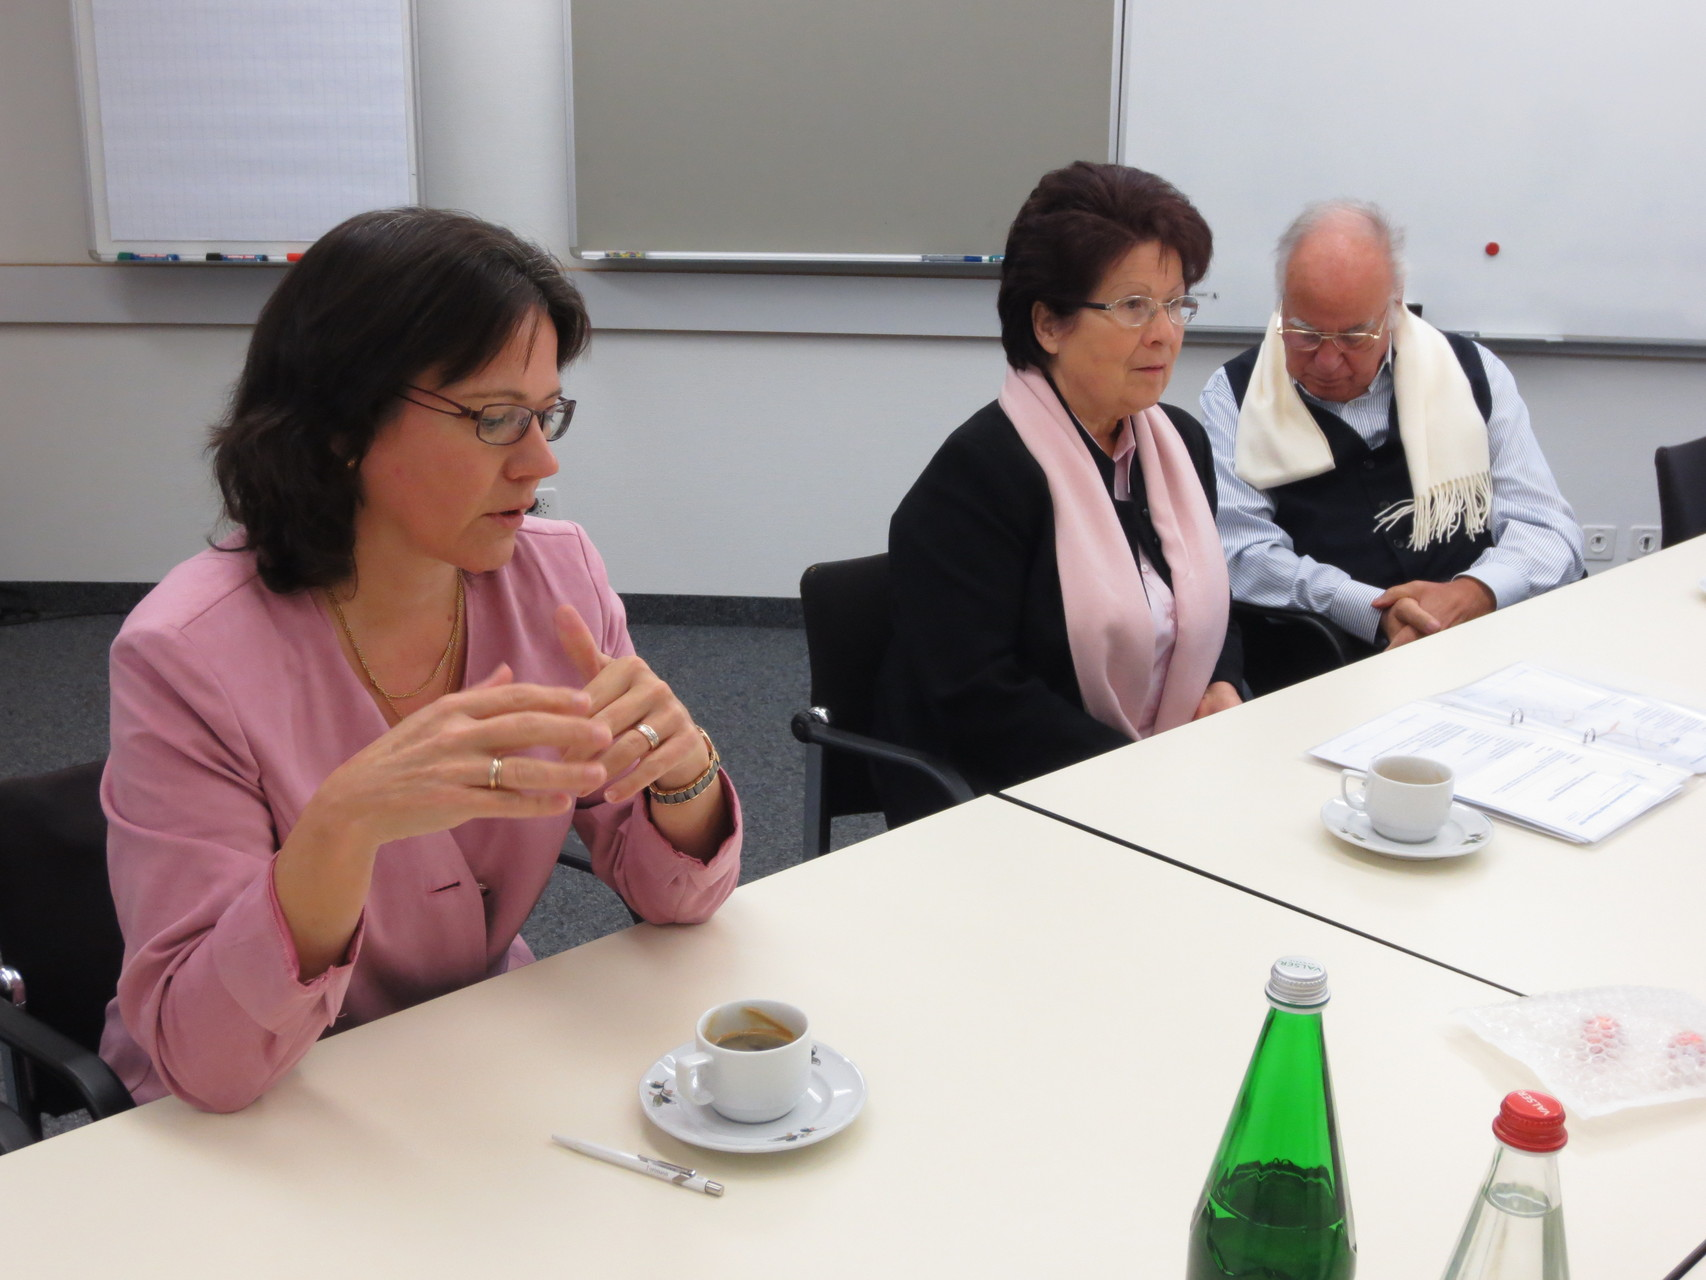 Rechnungsführerin Suzanne Fracasso-Rovina, in der Bildmitte die Vitalogie-Pionierin Johanna Fracasso und schliesslich rechts im Bild Mario Fracasso, Mitbegründer der European School of Straight Vitalogy